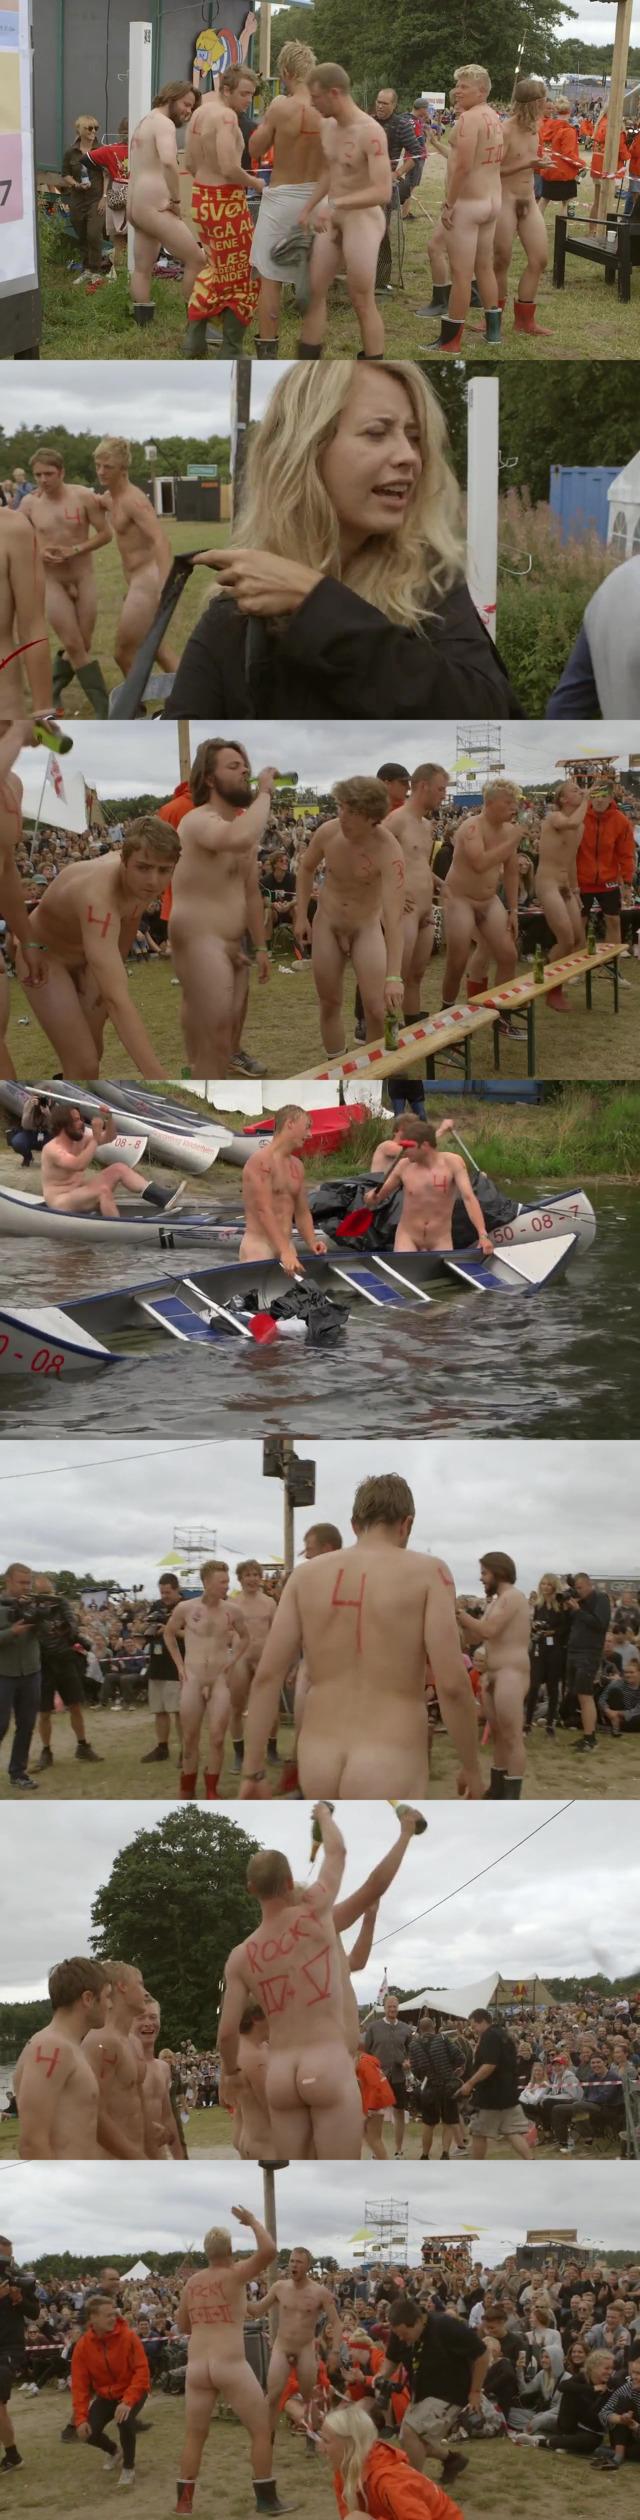 naked guy in public denmark festival